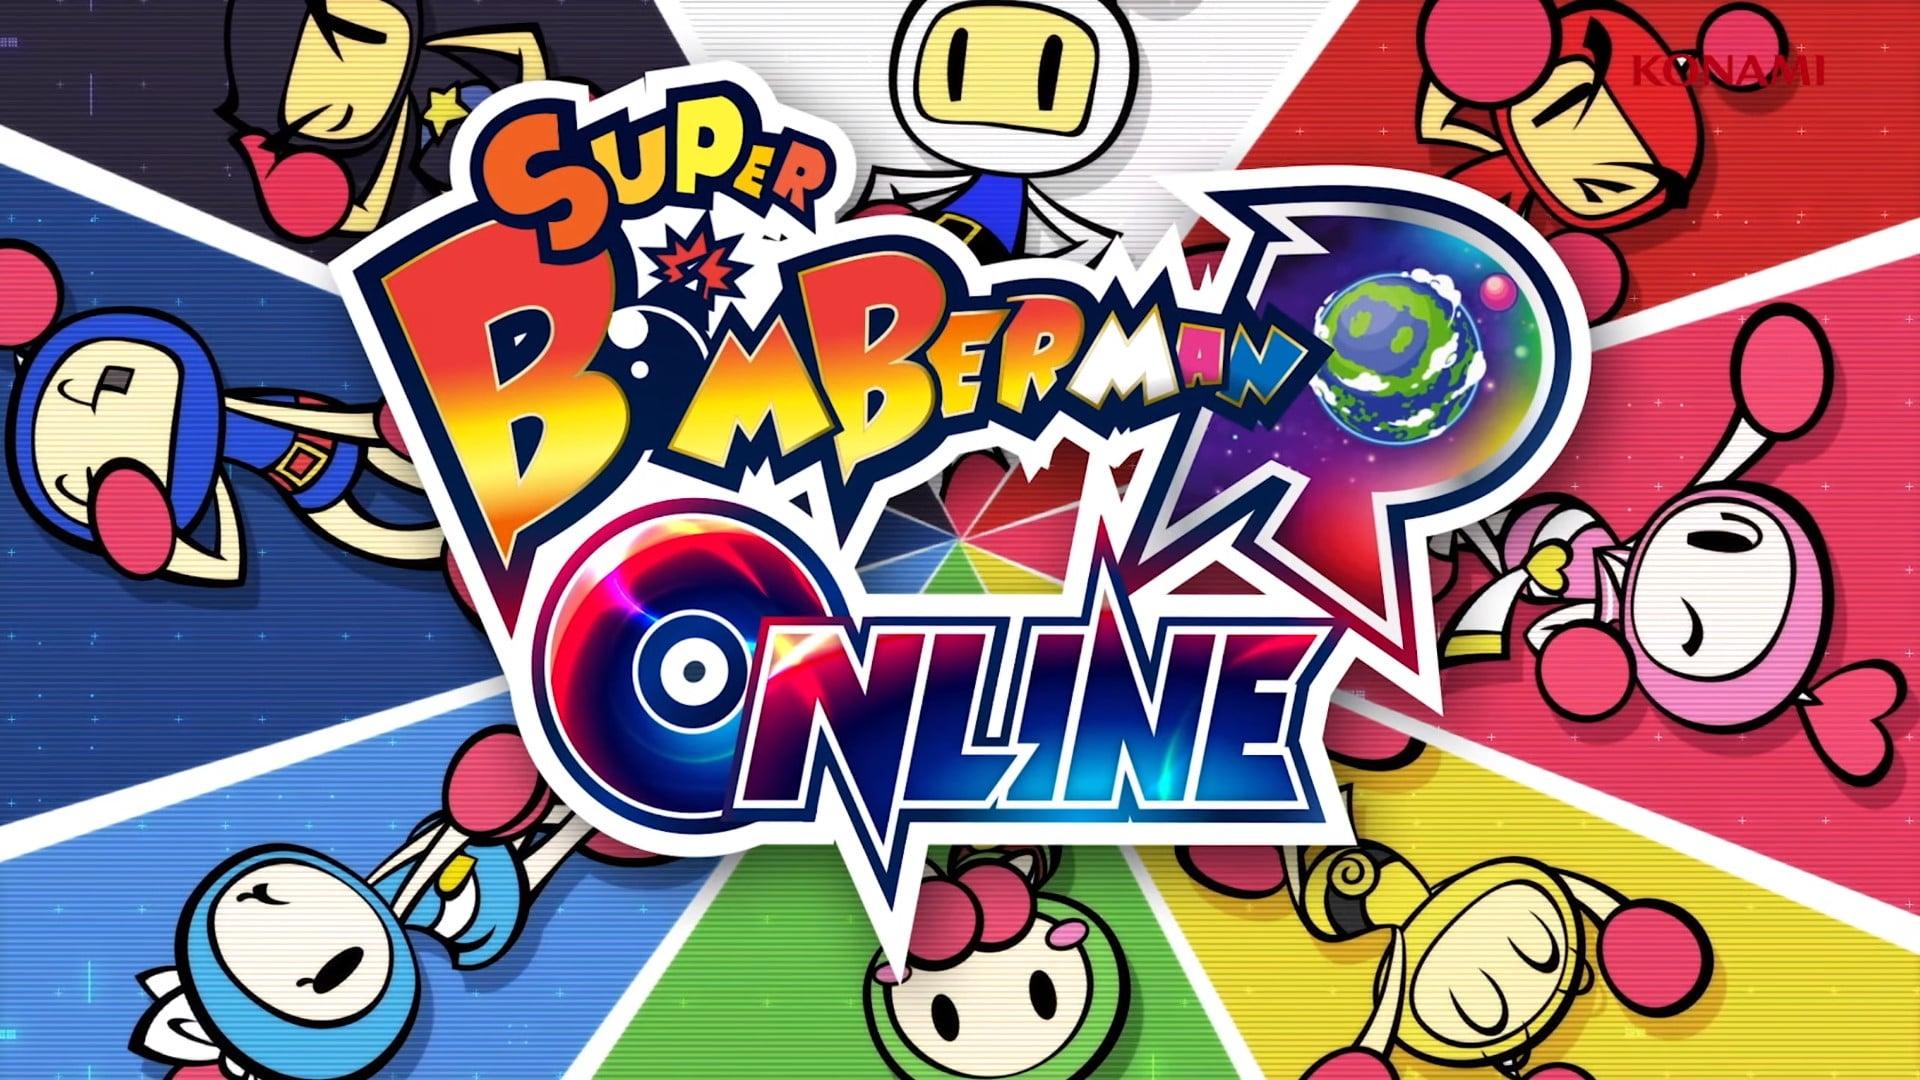 Super Bomberman R Online Cover Art